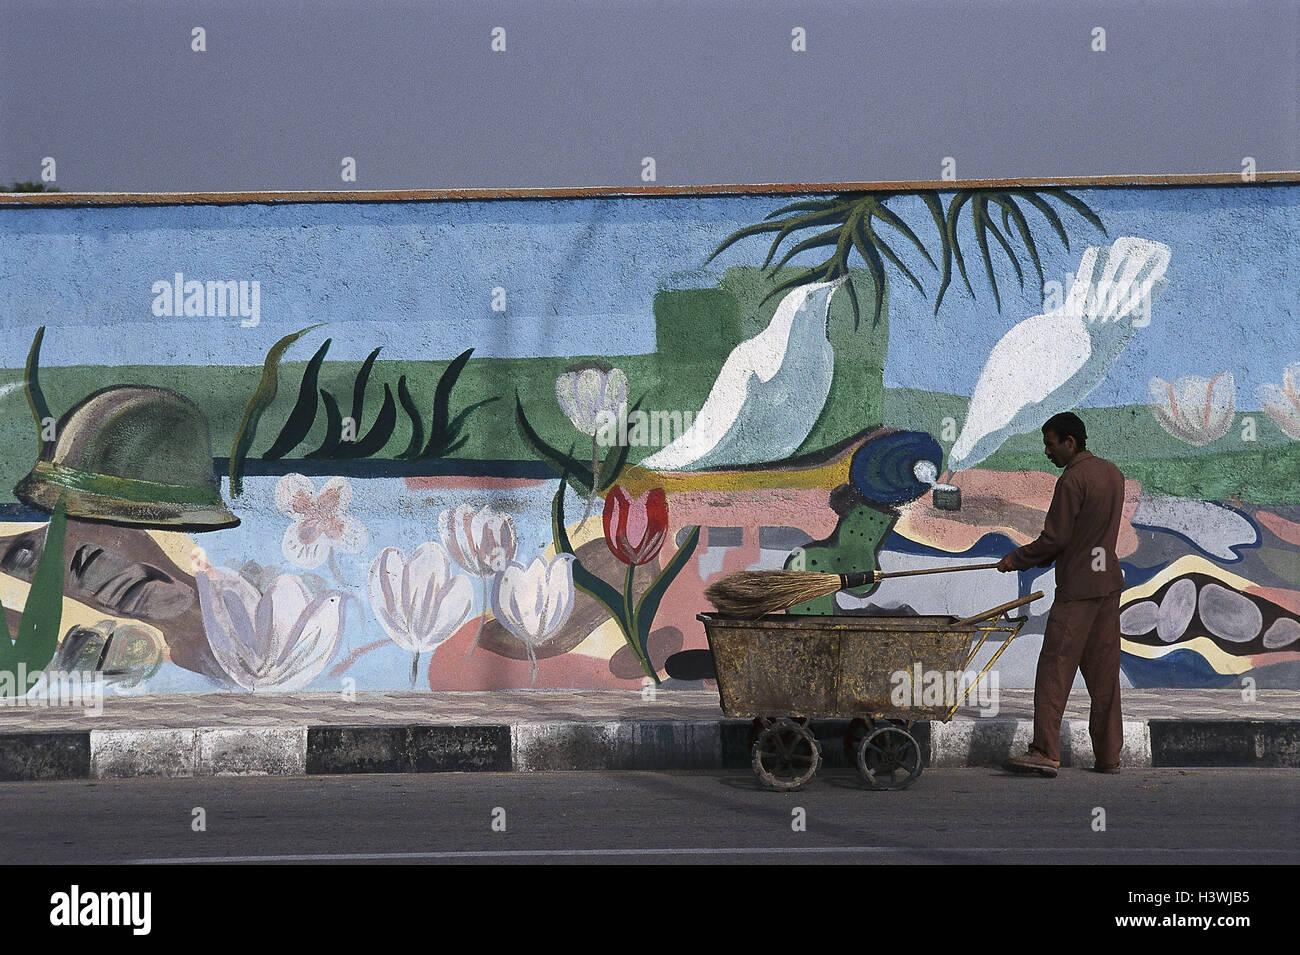 Iran Cavo Bus Ares Sublime Mura Difensive Vernici Spazzatrice Lavoro Il Medio Oriente Anteriore Est Vicino Oriente Parete Pittura Pittura Murale Uomo Locali Di Carnagione Scura Lavoratore Ginestra Citta Di Pulizia Al Di